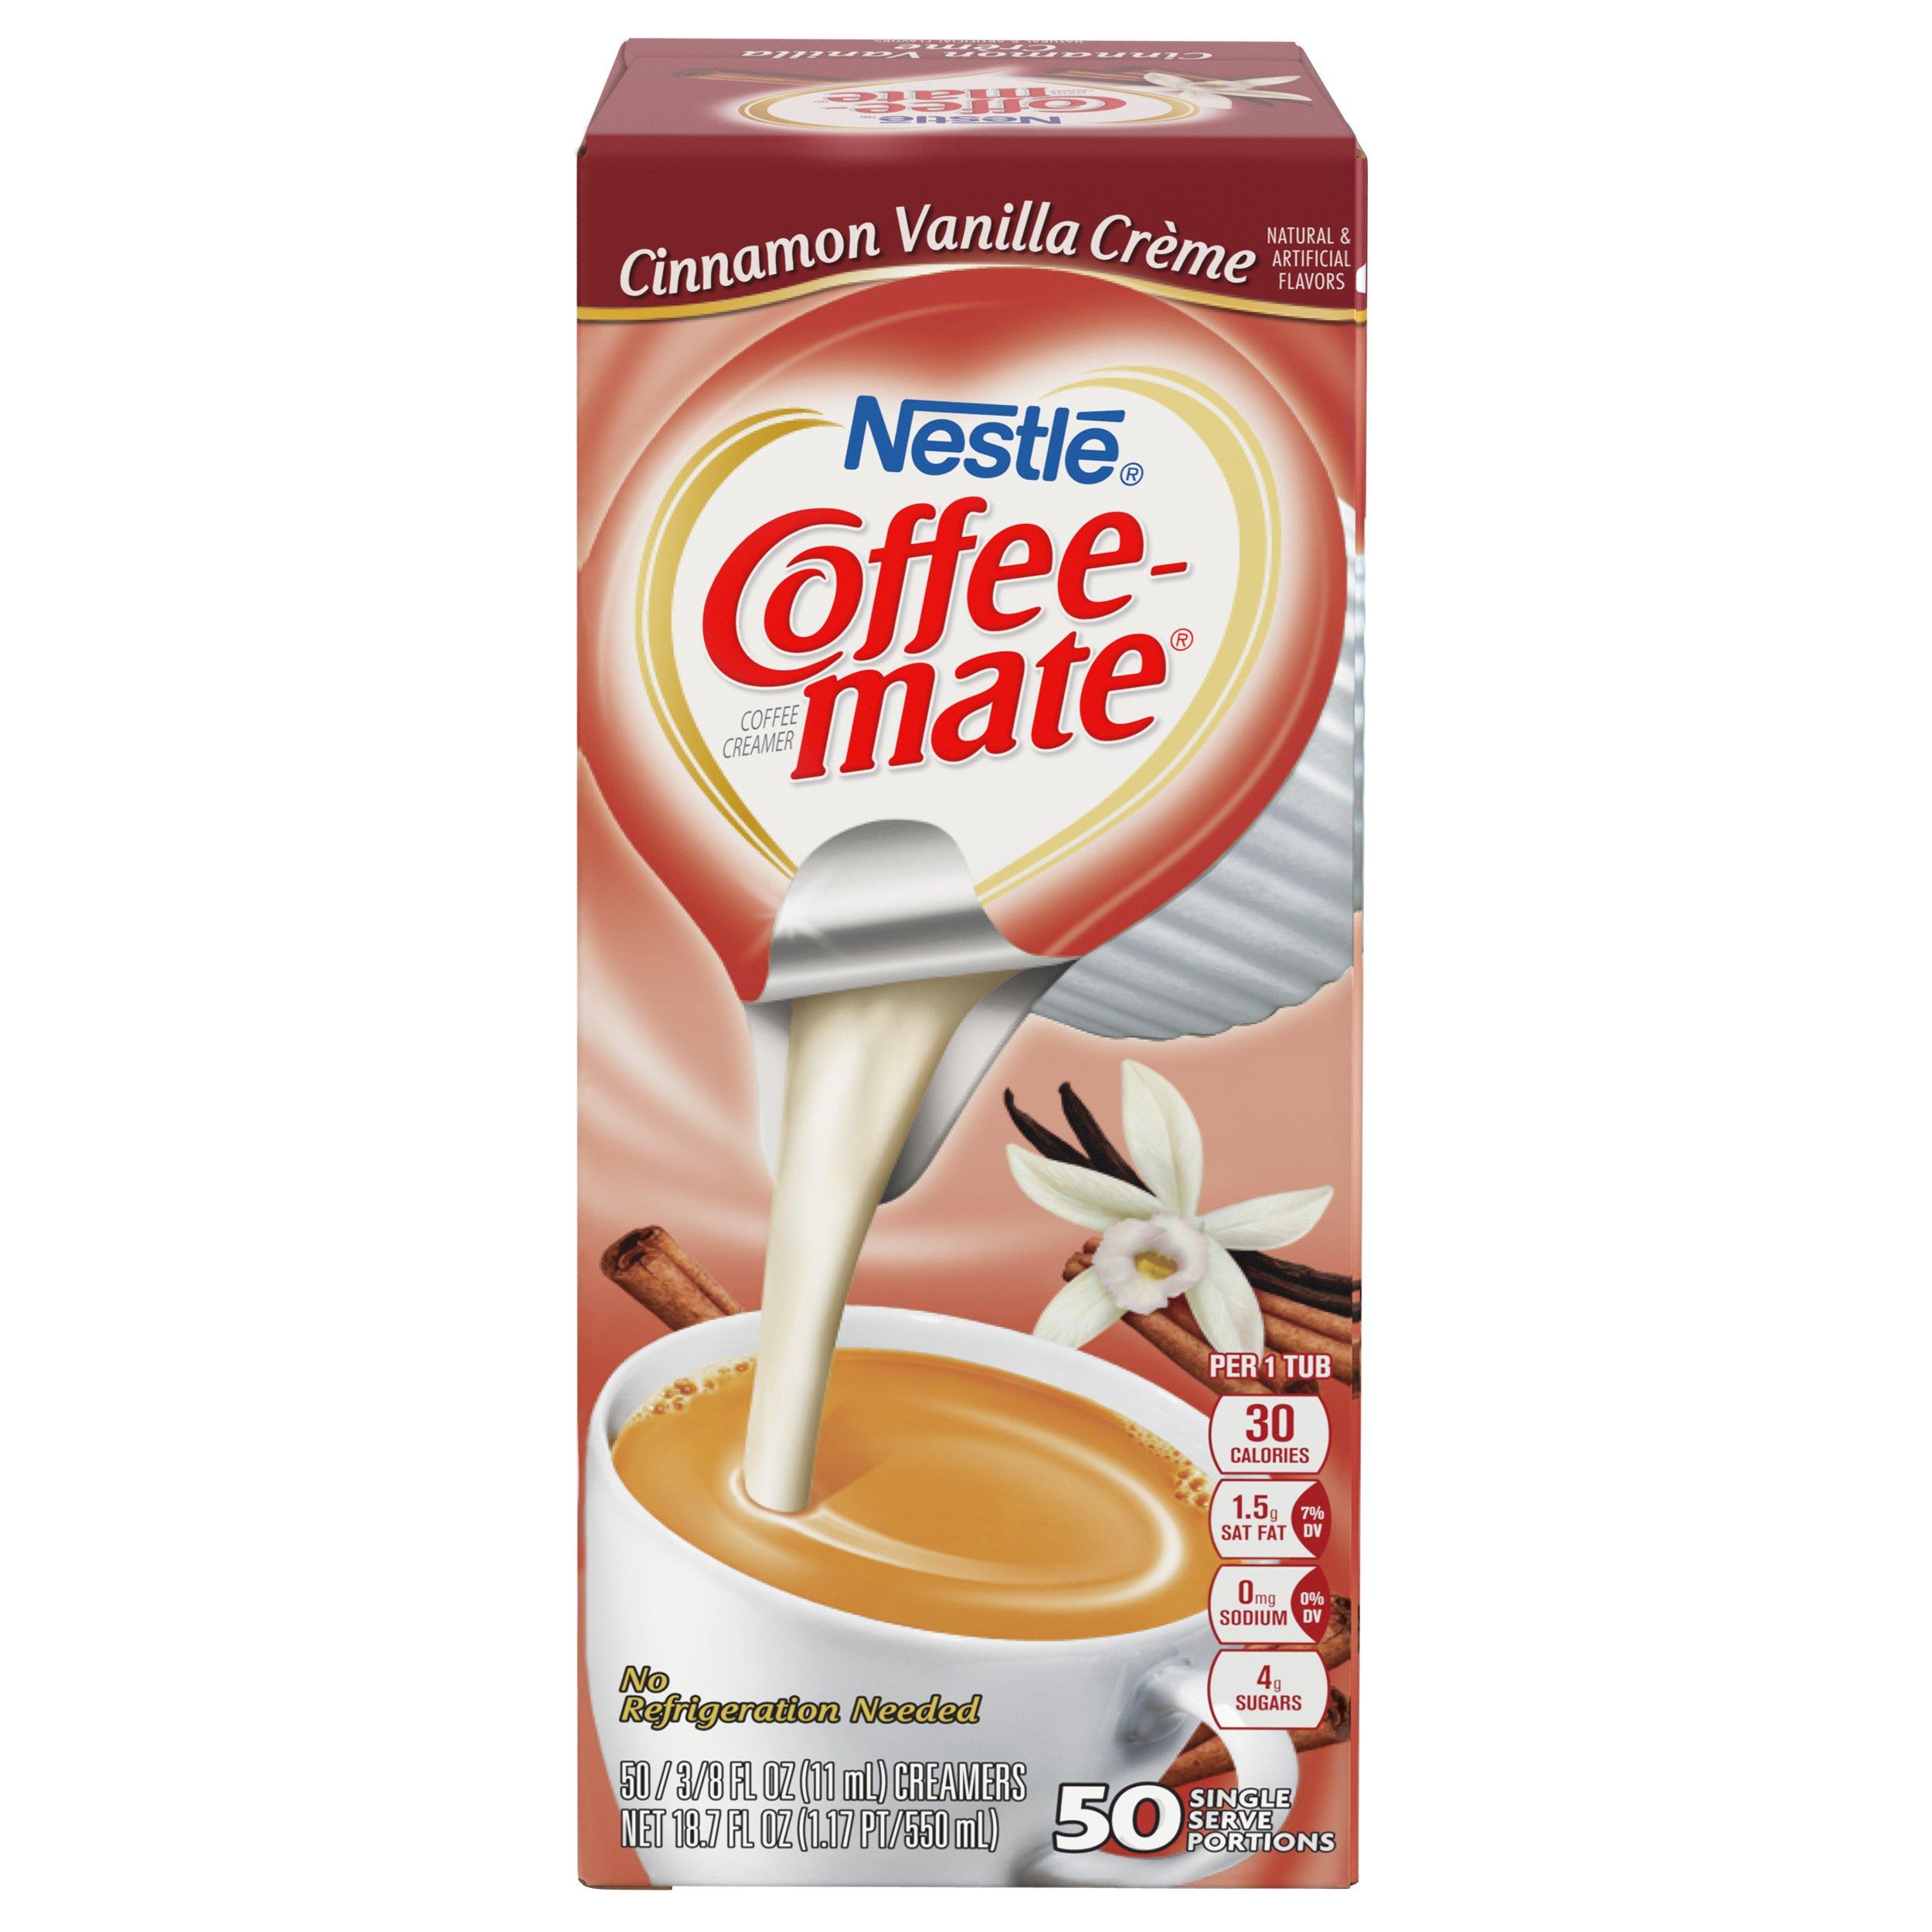 NESTLE COFFEE-MATE Coffee Creamer, Cinnamon Vanilla Creme, 0.375oz liquid creamer singles, 50 Per Box (Case of 4 Boxes) by Nestle Coffee Mate (Image #4)